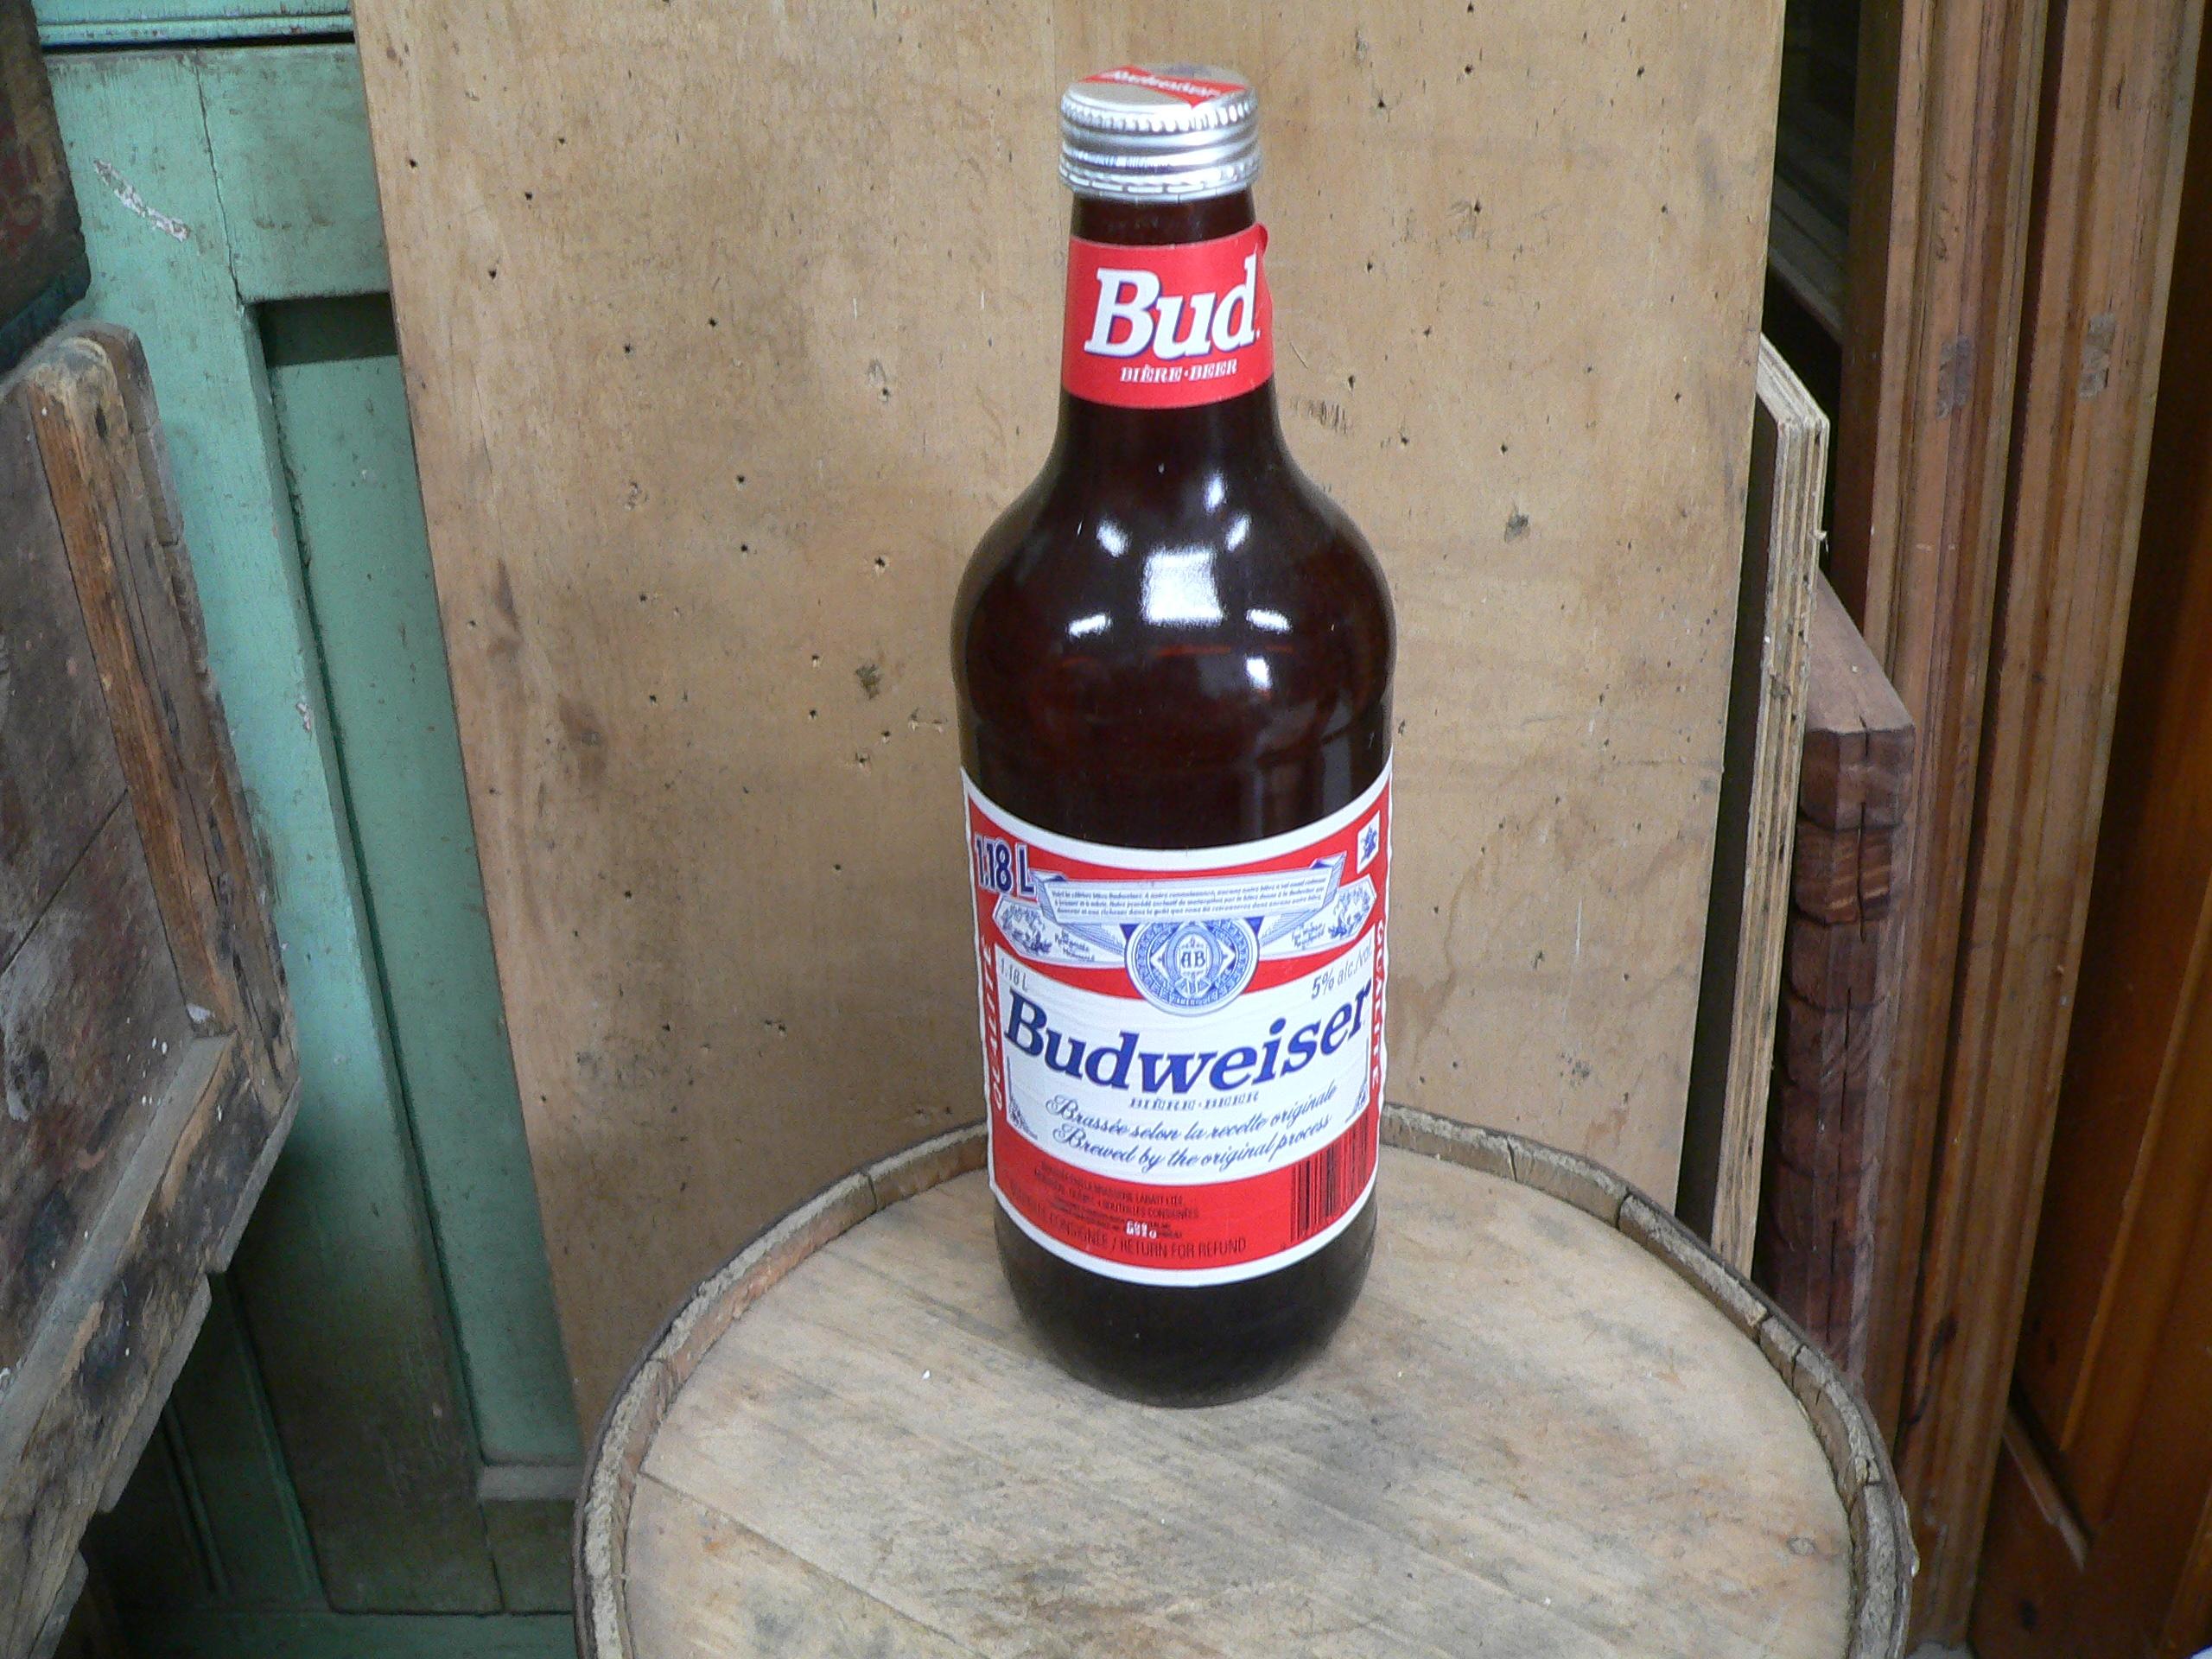 Grosse bouteille budweiser # 5602.1